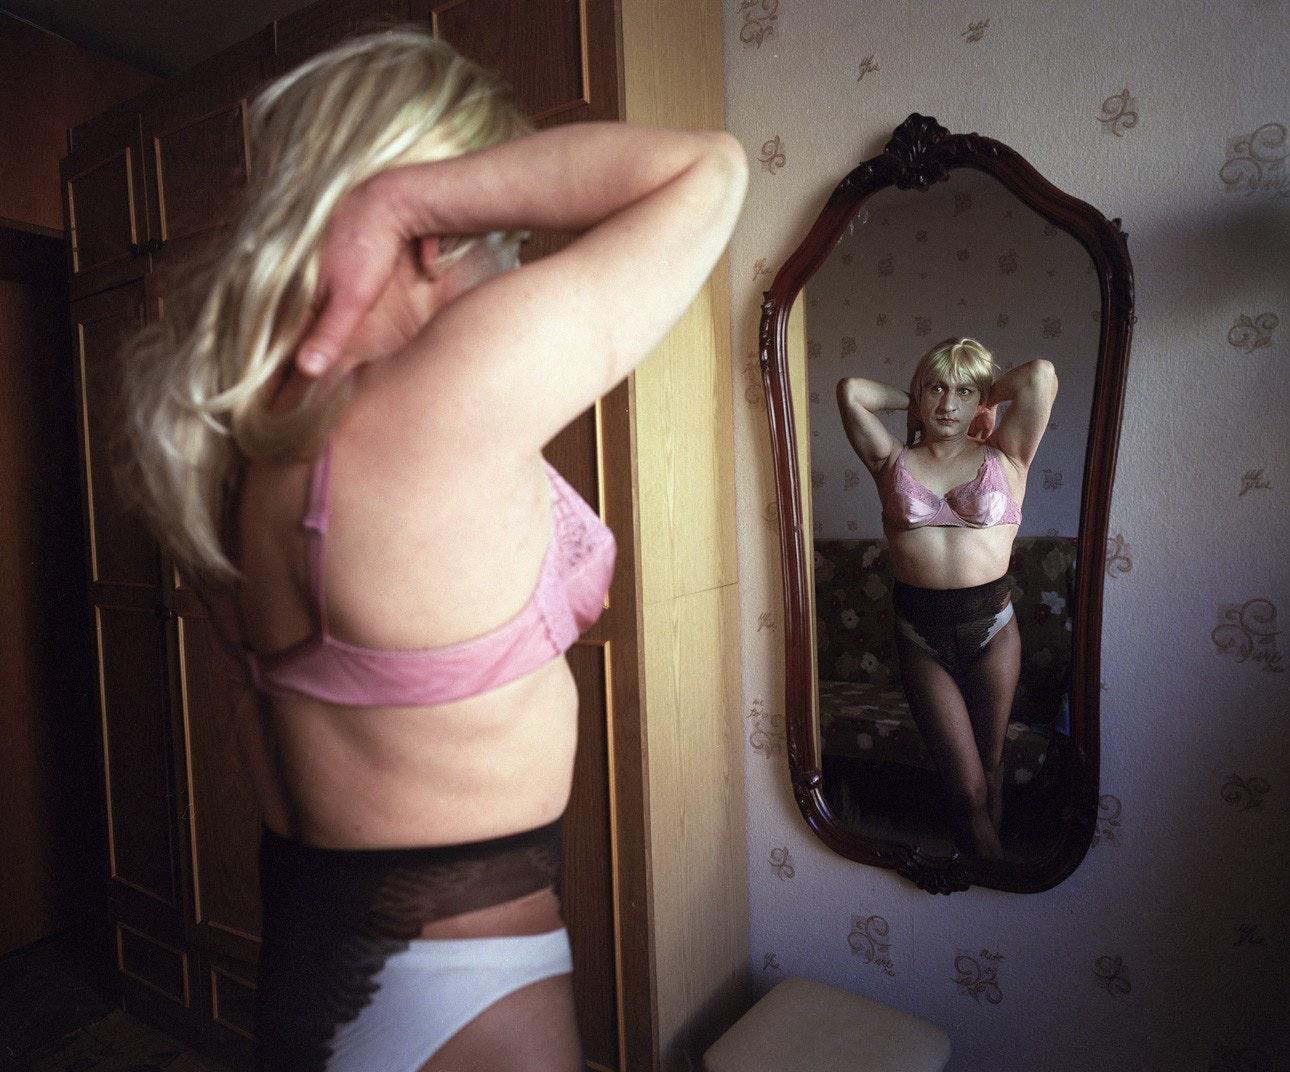 Transvestites